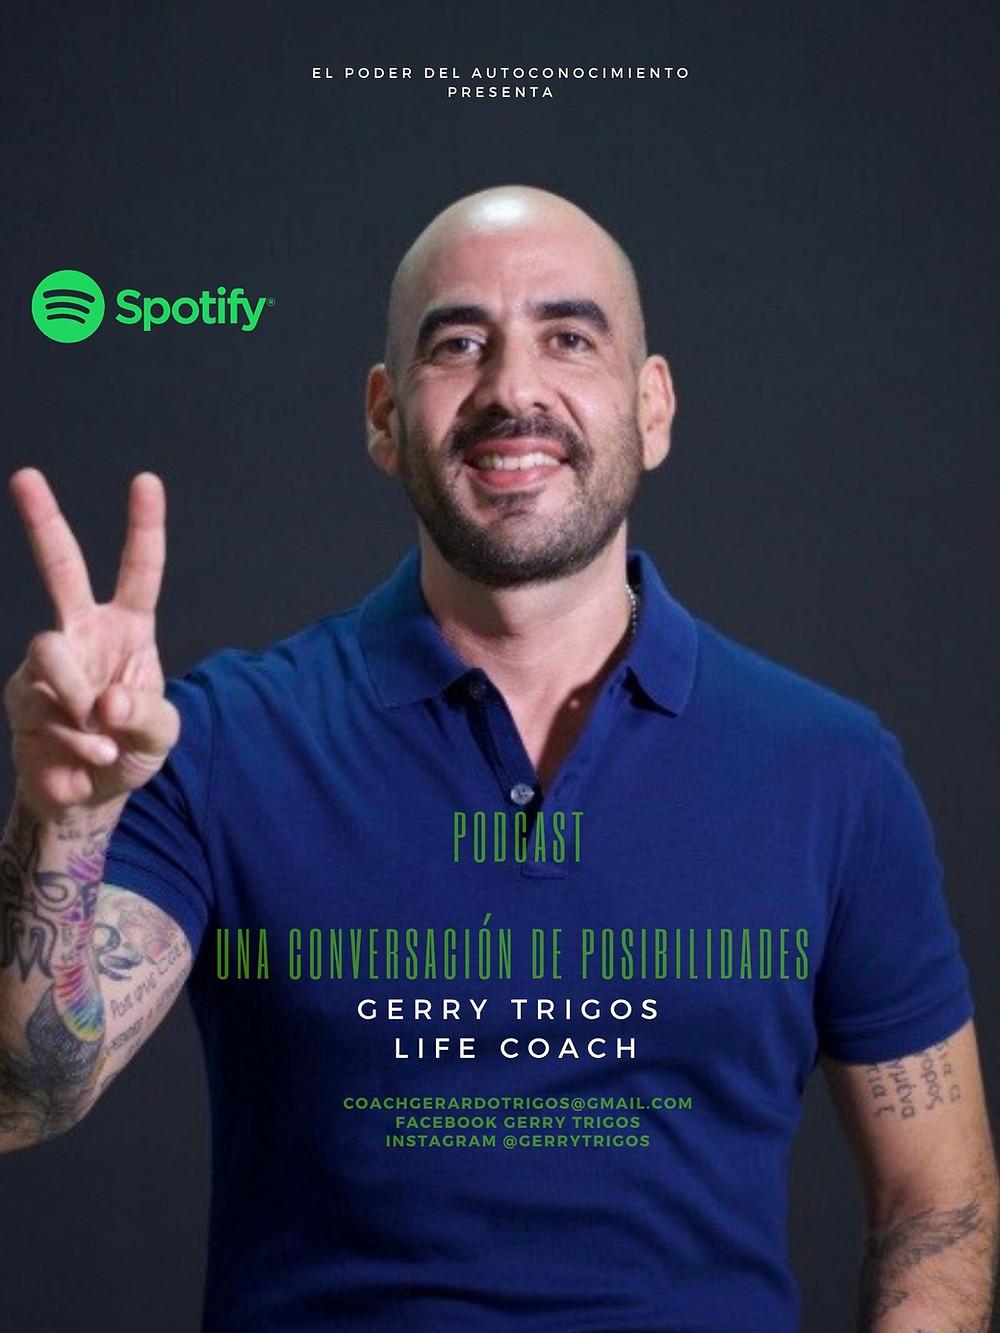 """Bienvenidos al Podcast  """"Una conversación de posibilidades""""  Todos los lunes a las 11:11 am horario de México. Una conversación constructiva y honesta. Testimonios, experiencias, herramientas e inspiración. Una propuesta de bienestar, paz, amor y autoconocimiento."""